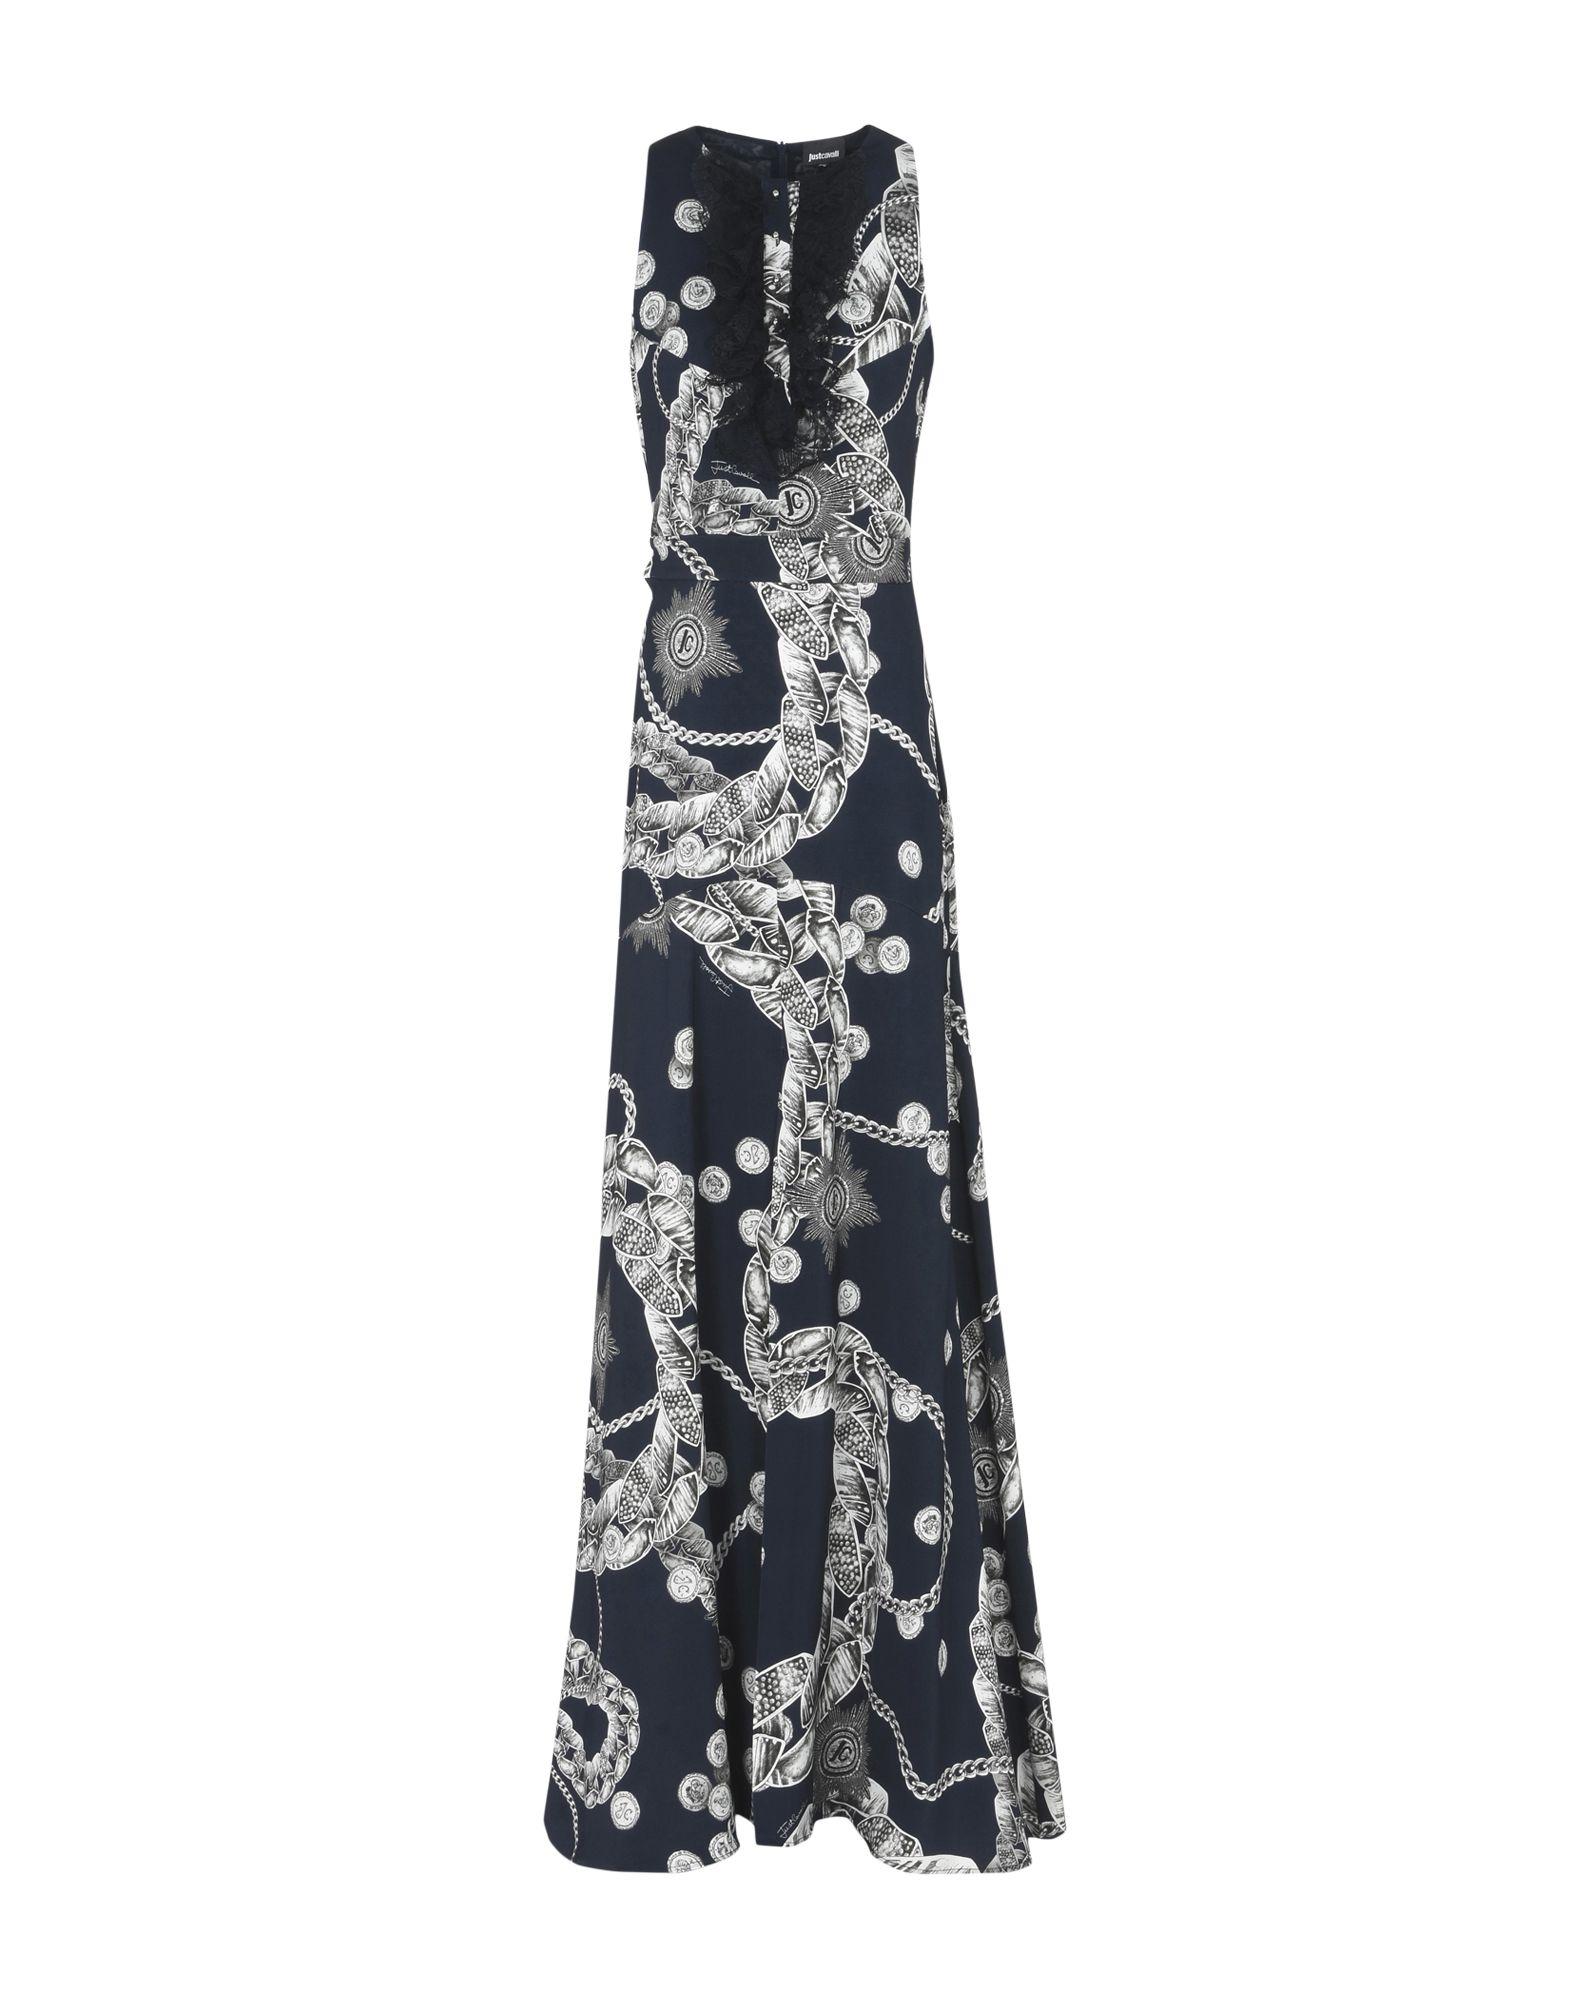 JUST CAVALLI Длинное платье платье короткое спереди длинное сзади летнее